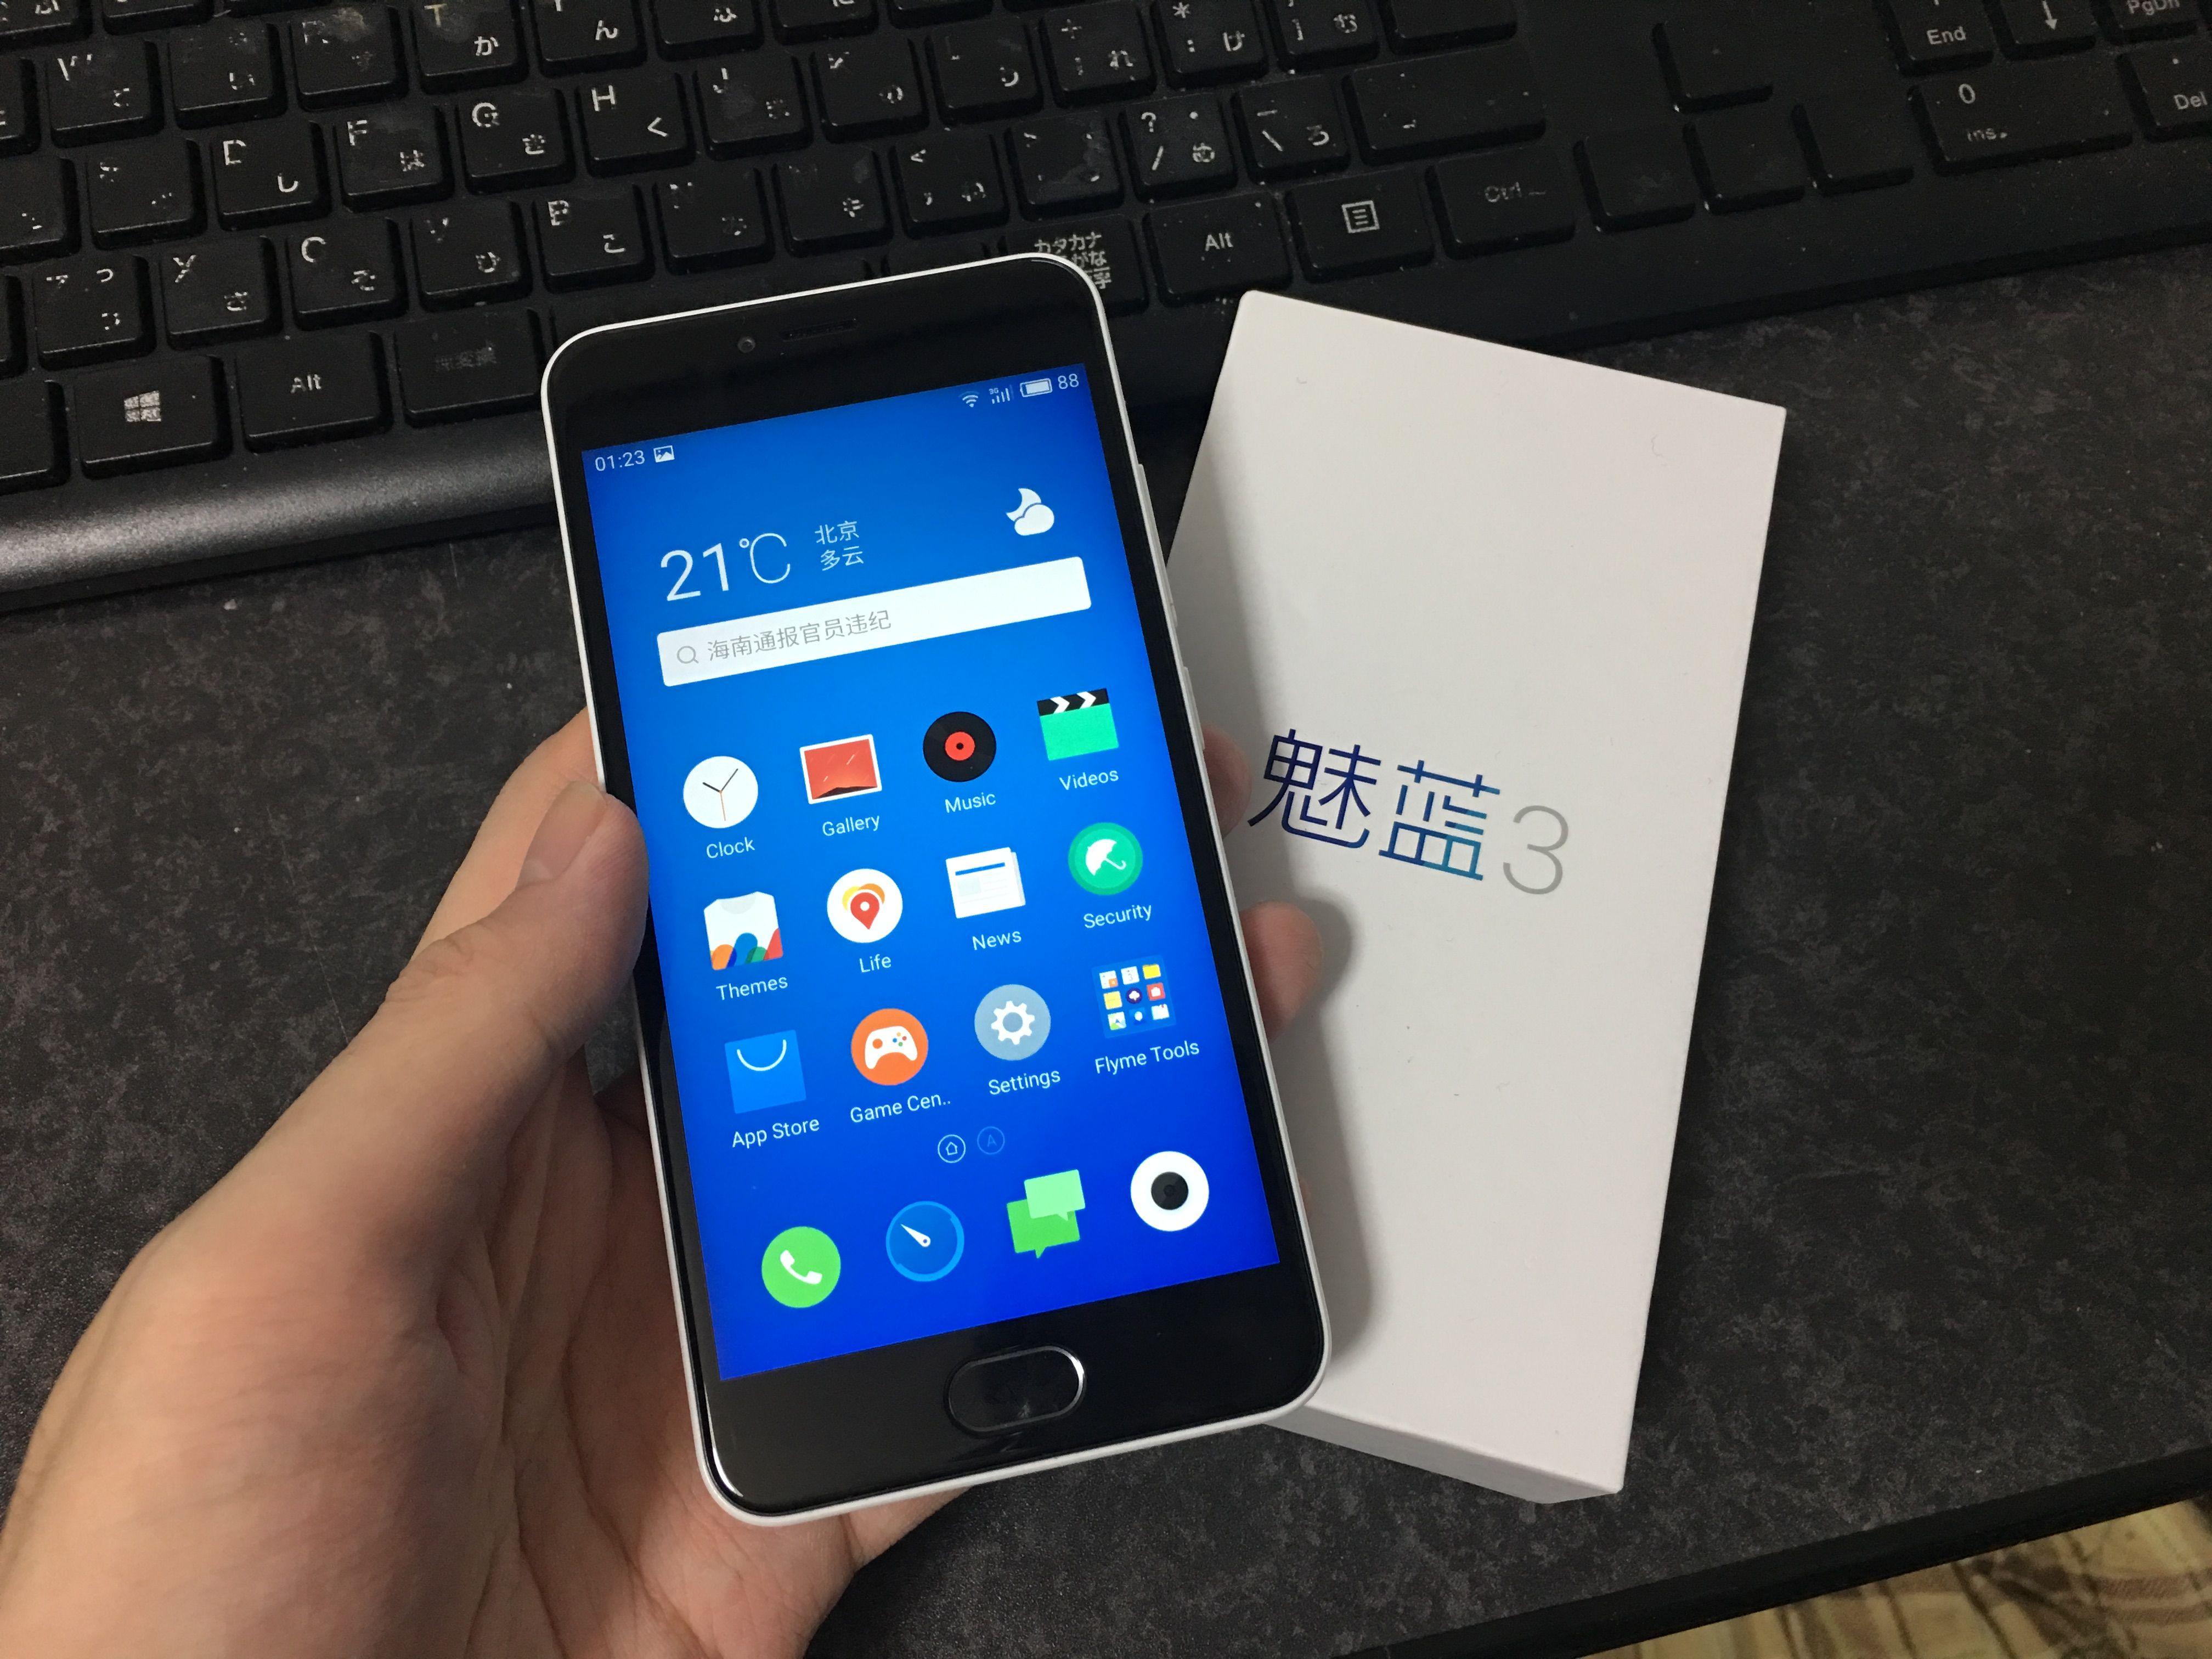 Meizu M3 miniのレビュー!Meizu M3sがある今、用無しのスマートフォン